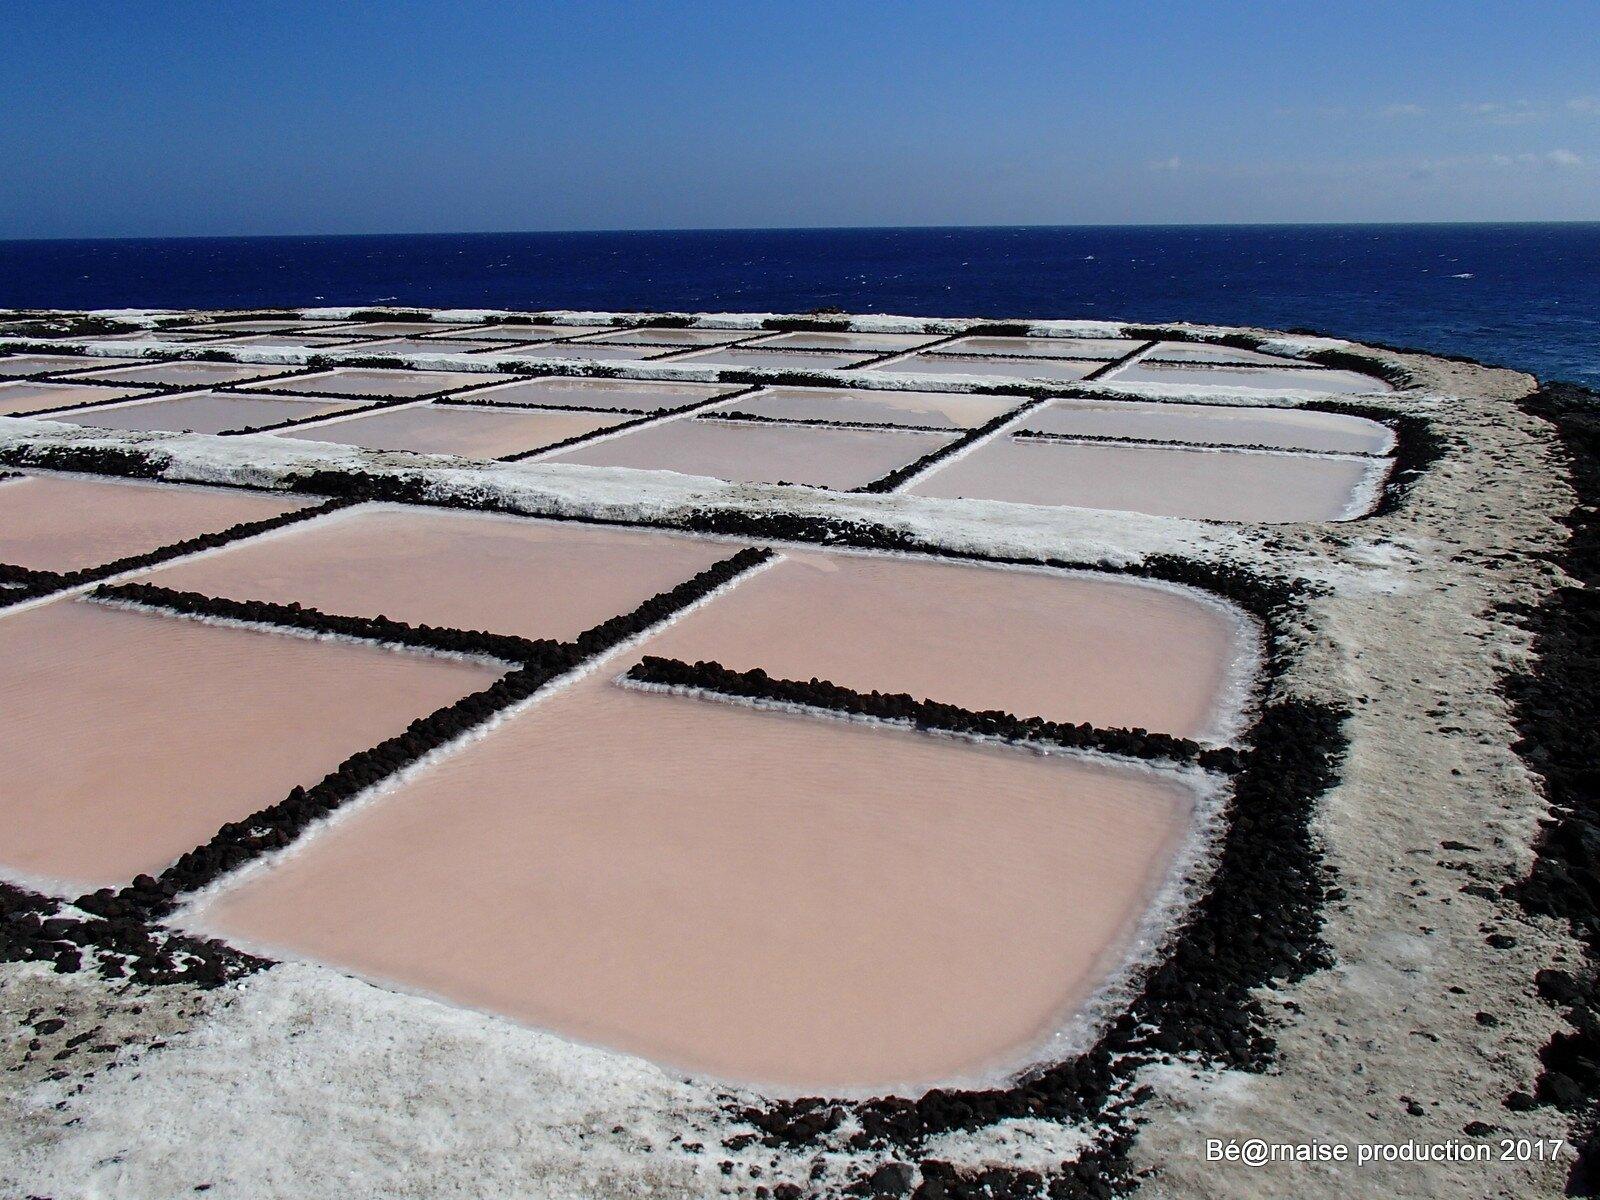 Salines de Teneglia (Fuencaliente, La Palma, août 2017)